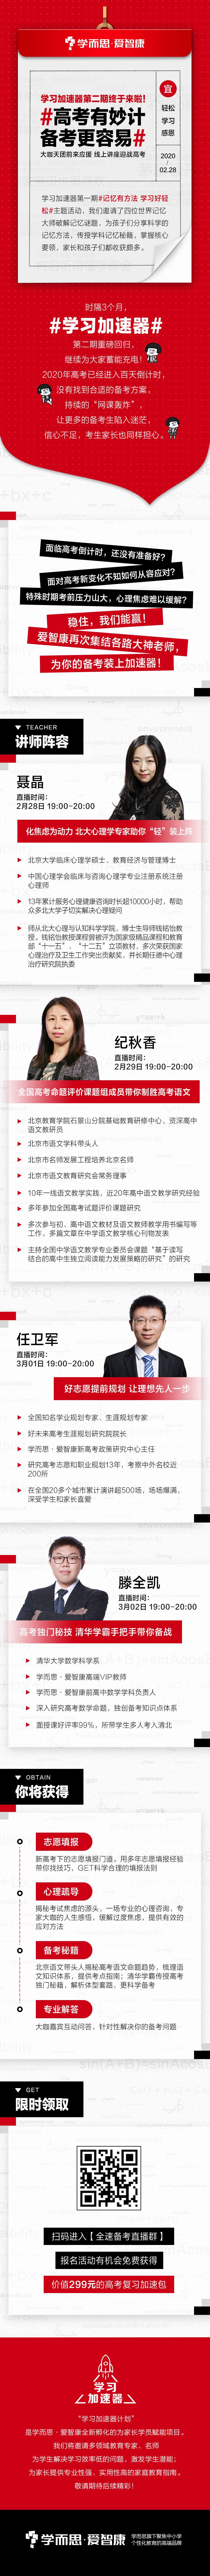 二期长图带二维码爱智康logo.jpg